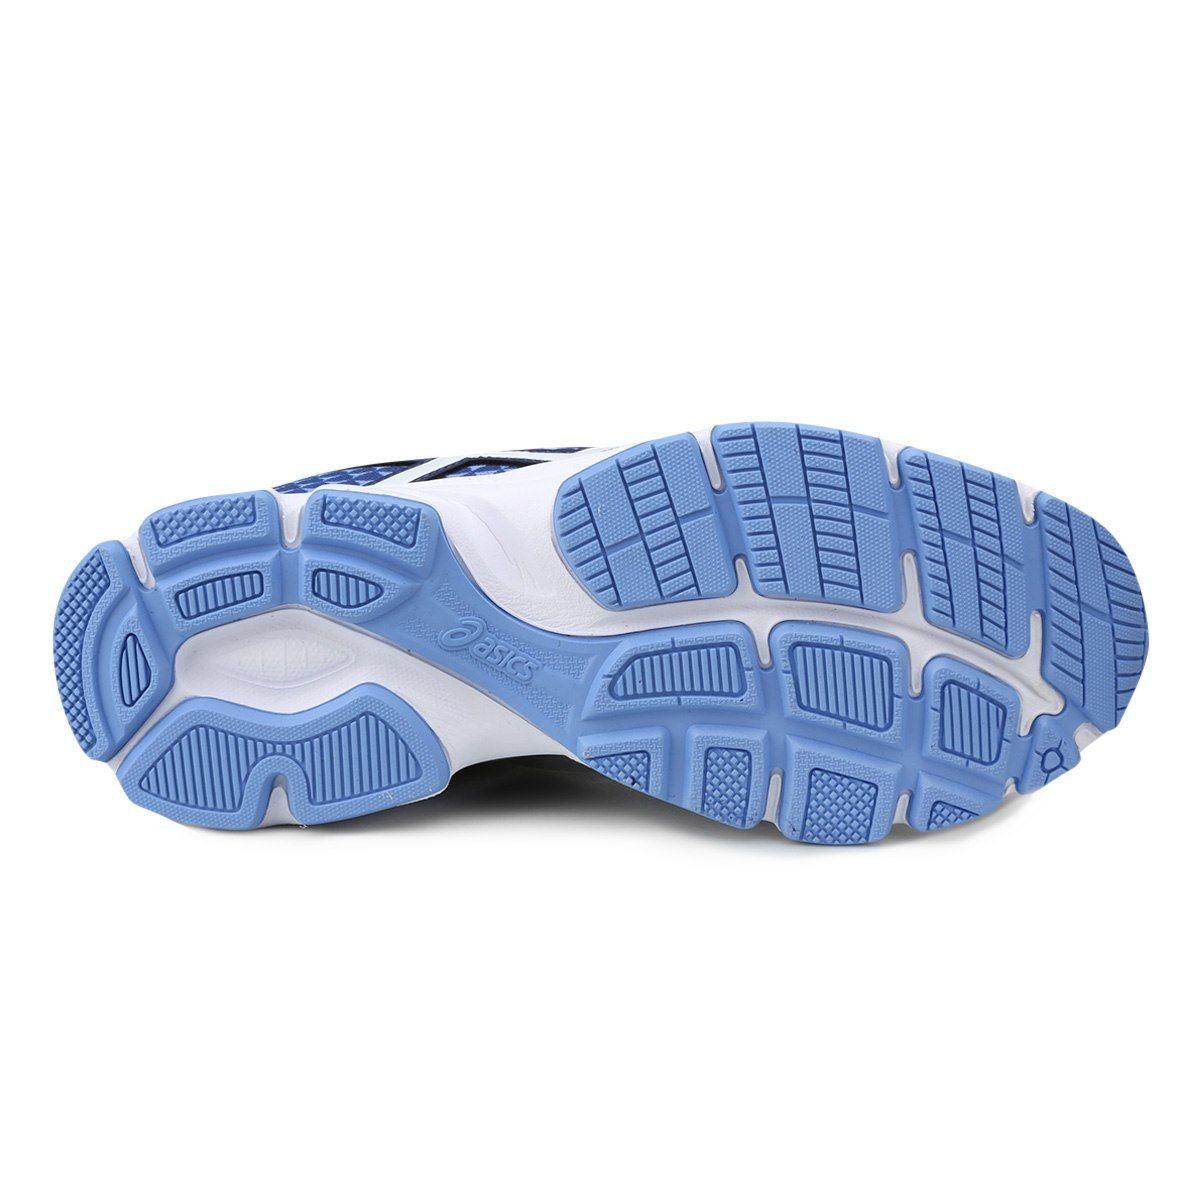 71774758af tênis asics patriot 8 feminino azul e branco. Carregando zoom... tênis  asics feminino. Carregando zoom.